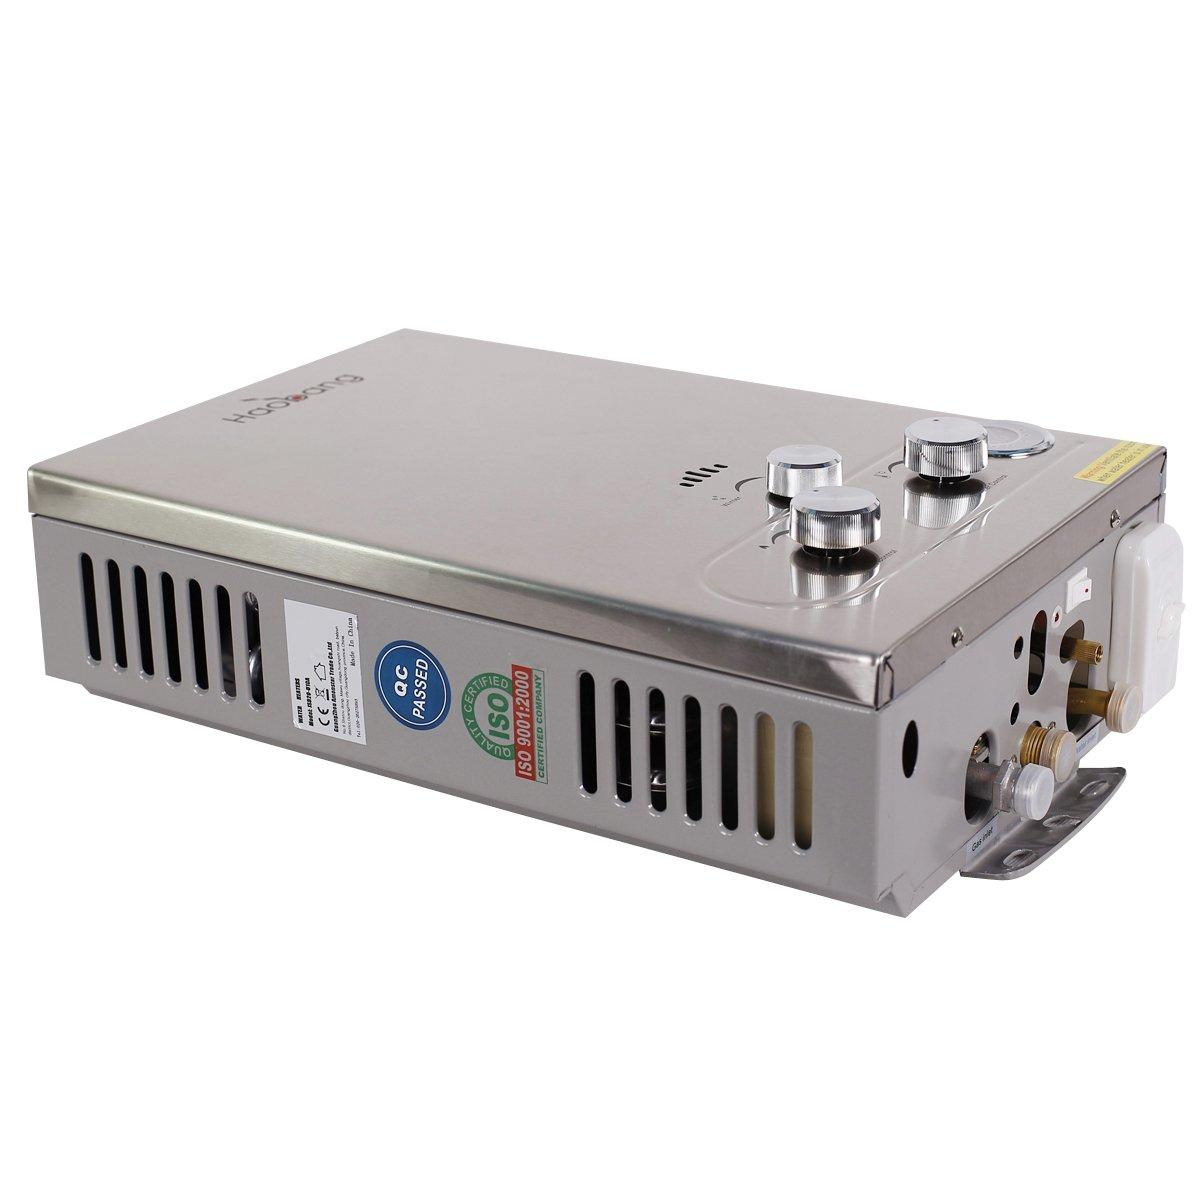 HB Sin tanque calentador de agua Gas patentado de modulación Tecnología JSD12-S02 (NG) metano: Amazon.es: Bricolaje y herramientas